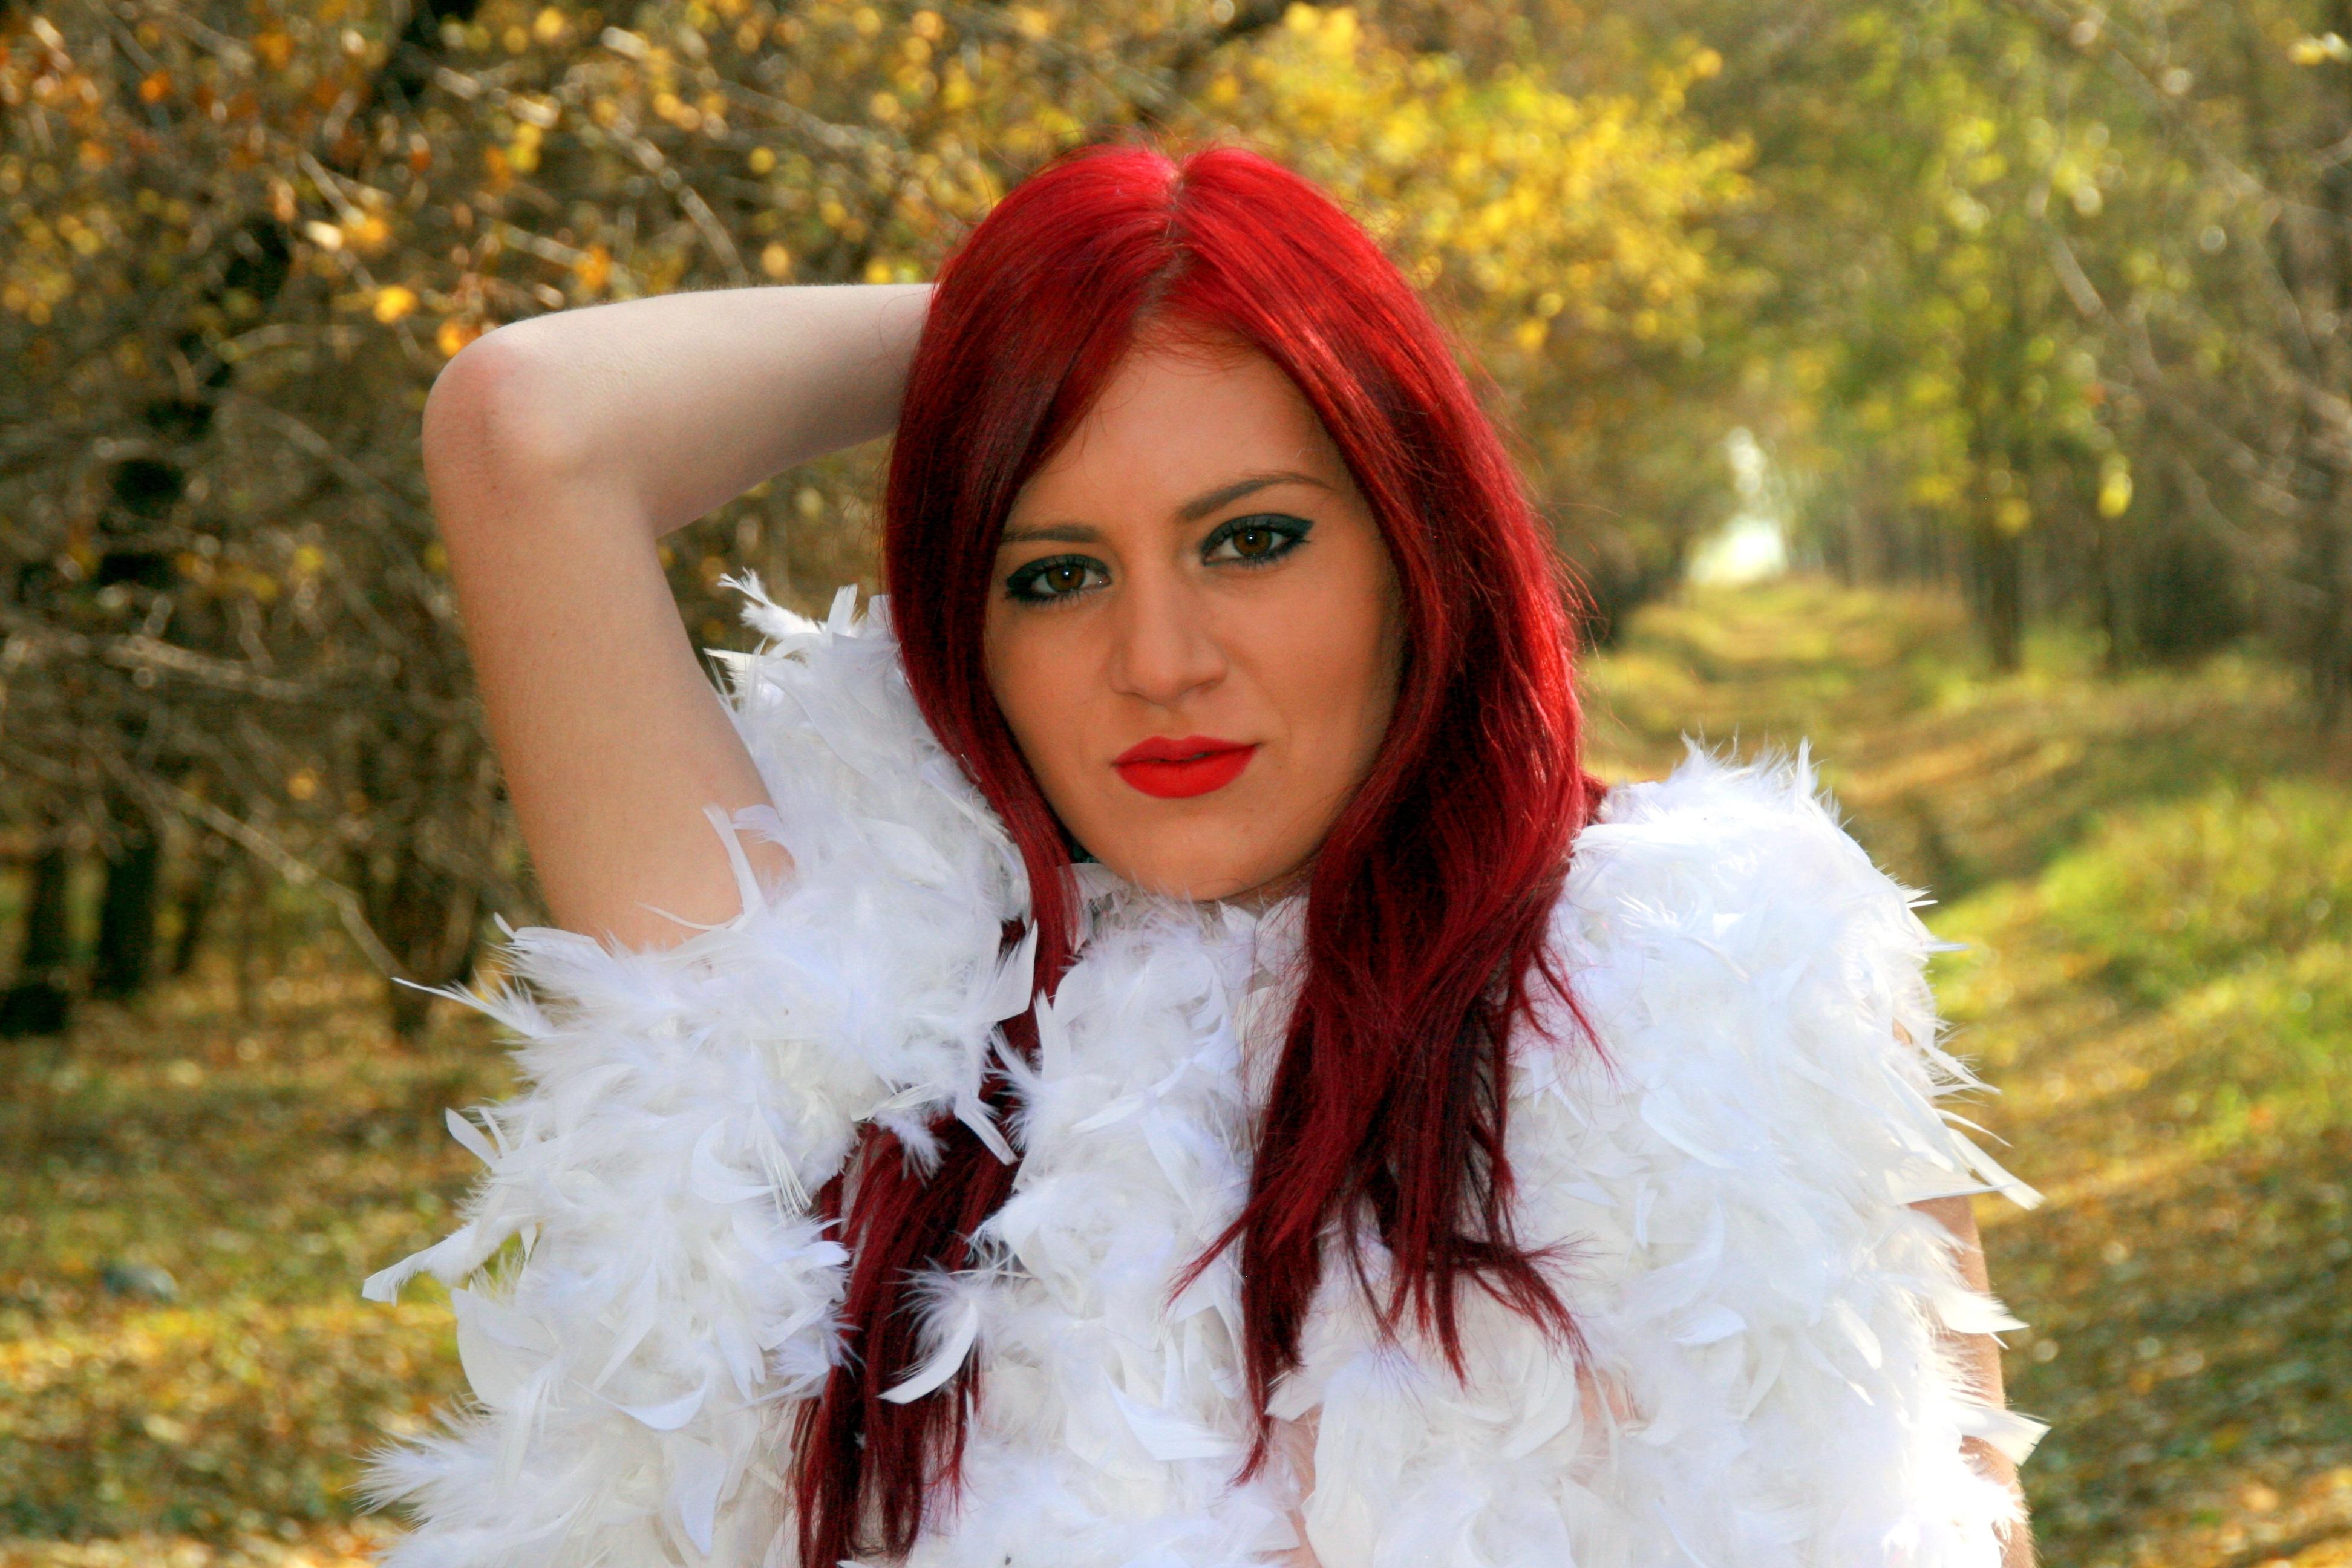 Couleur vetement pour cheveux roux